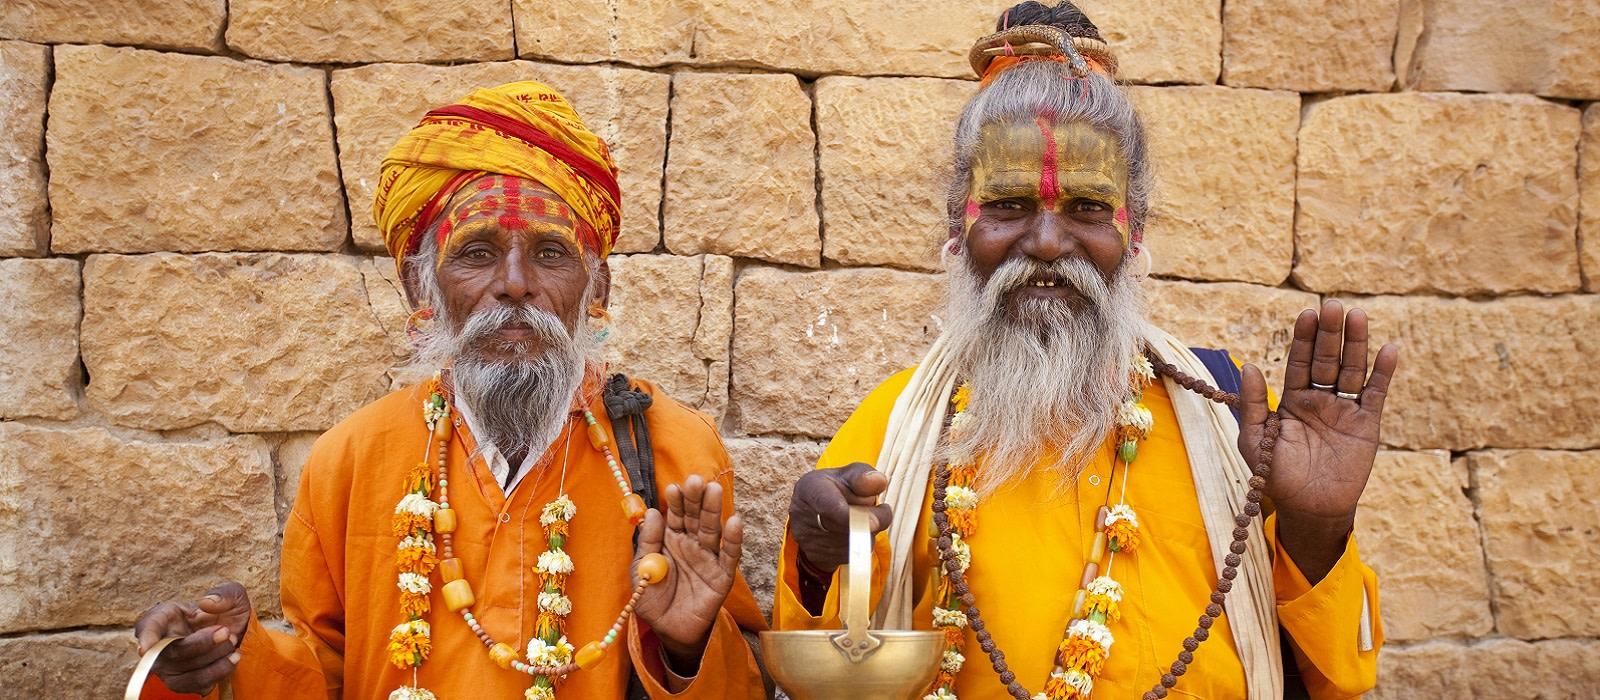 Indien: Reise durch Gujarat und Rajasthan Urlaub 1